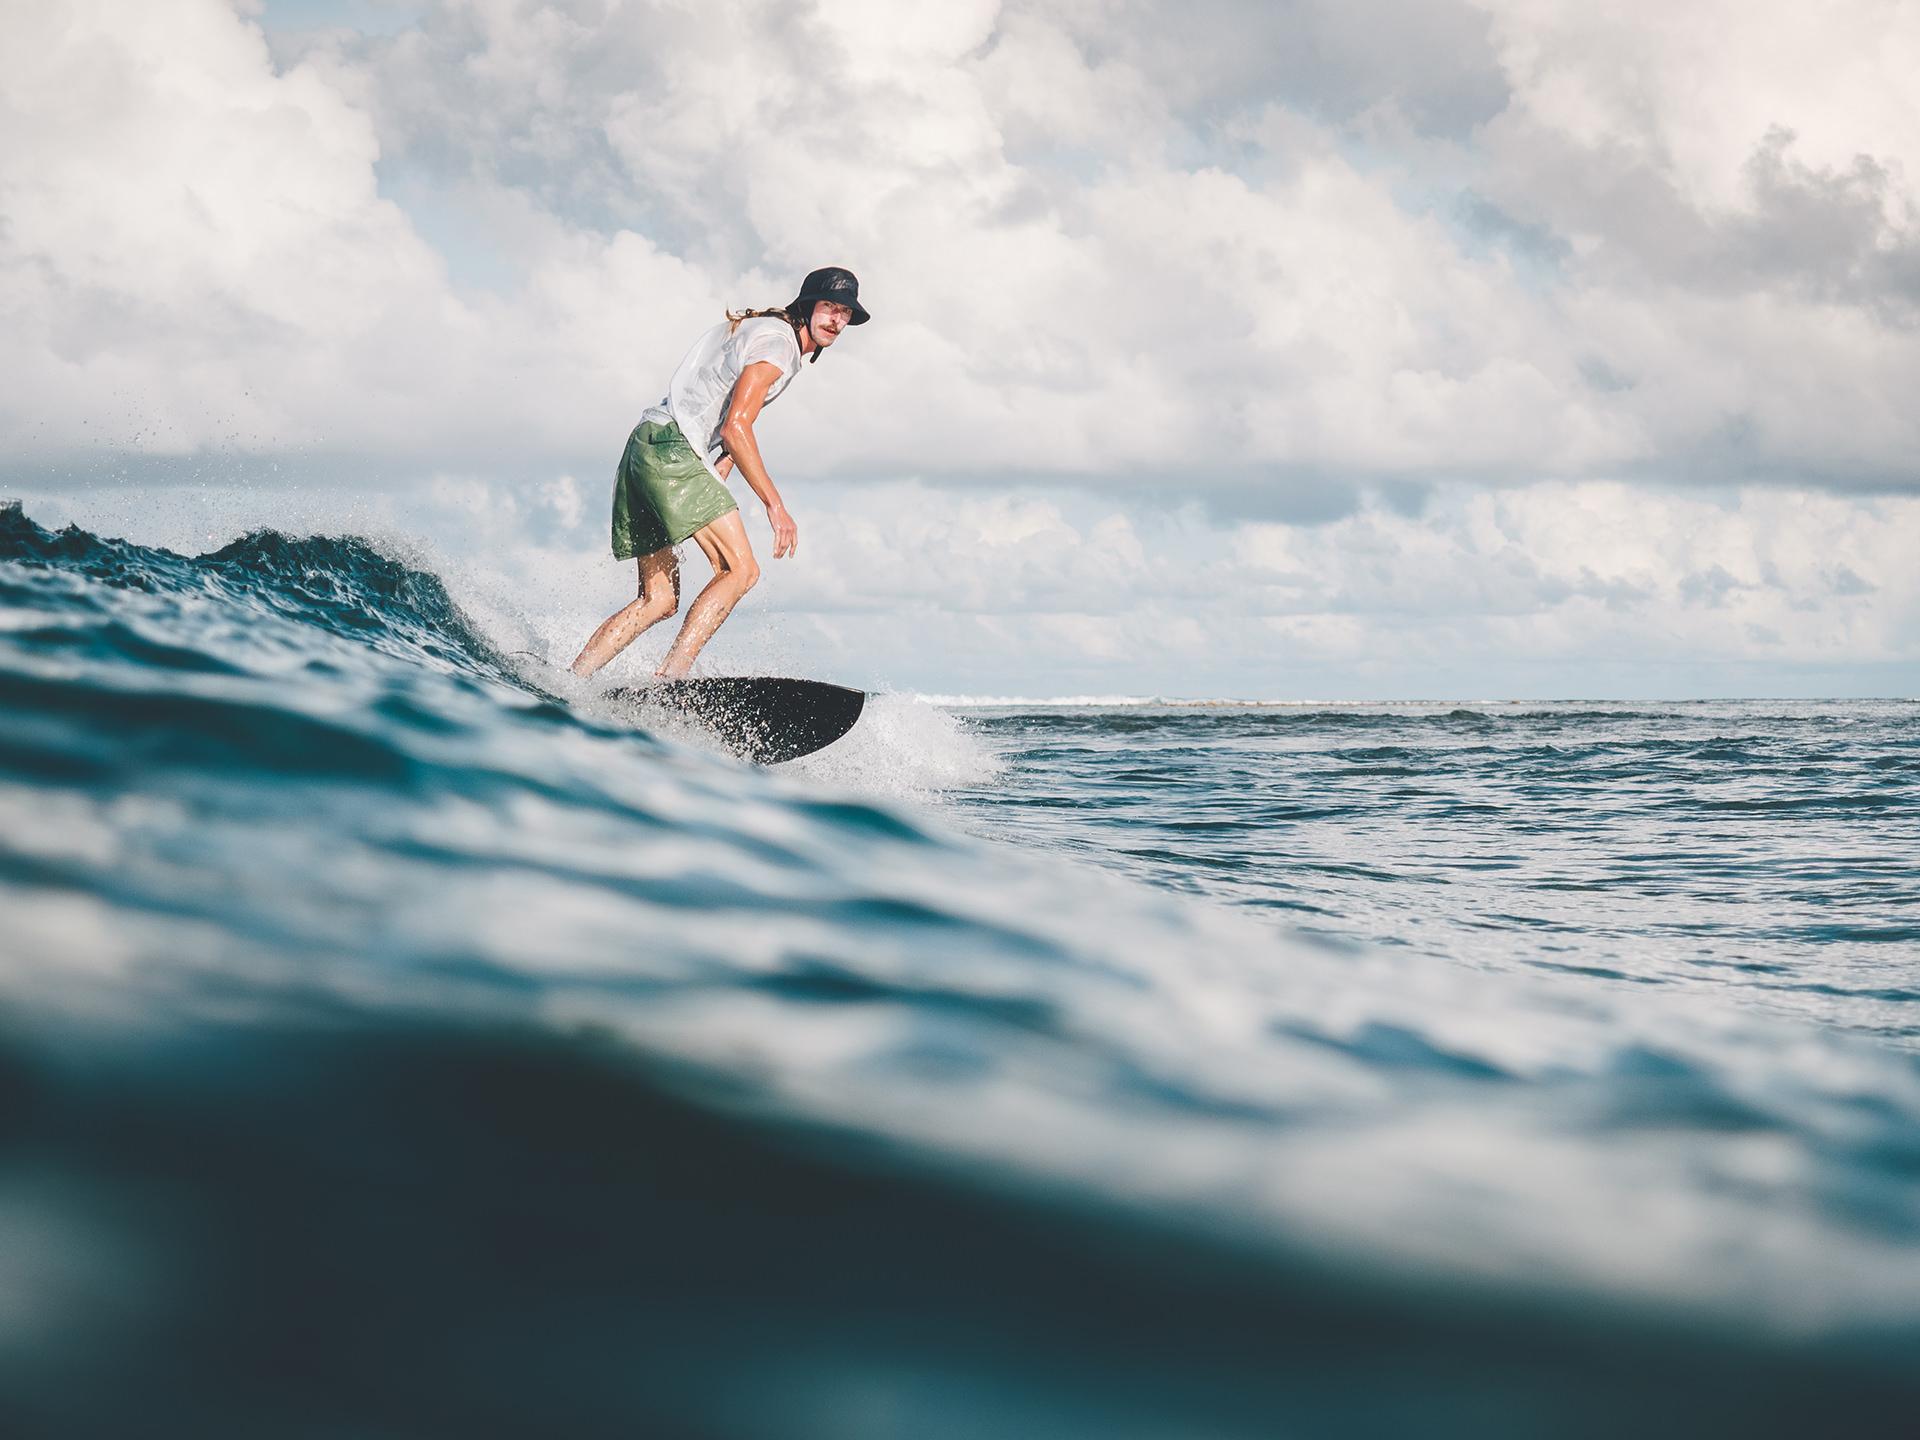 surfen-board-meer-welle-style